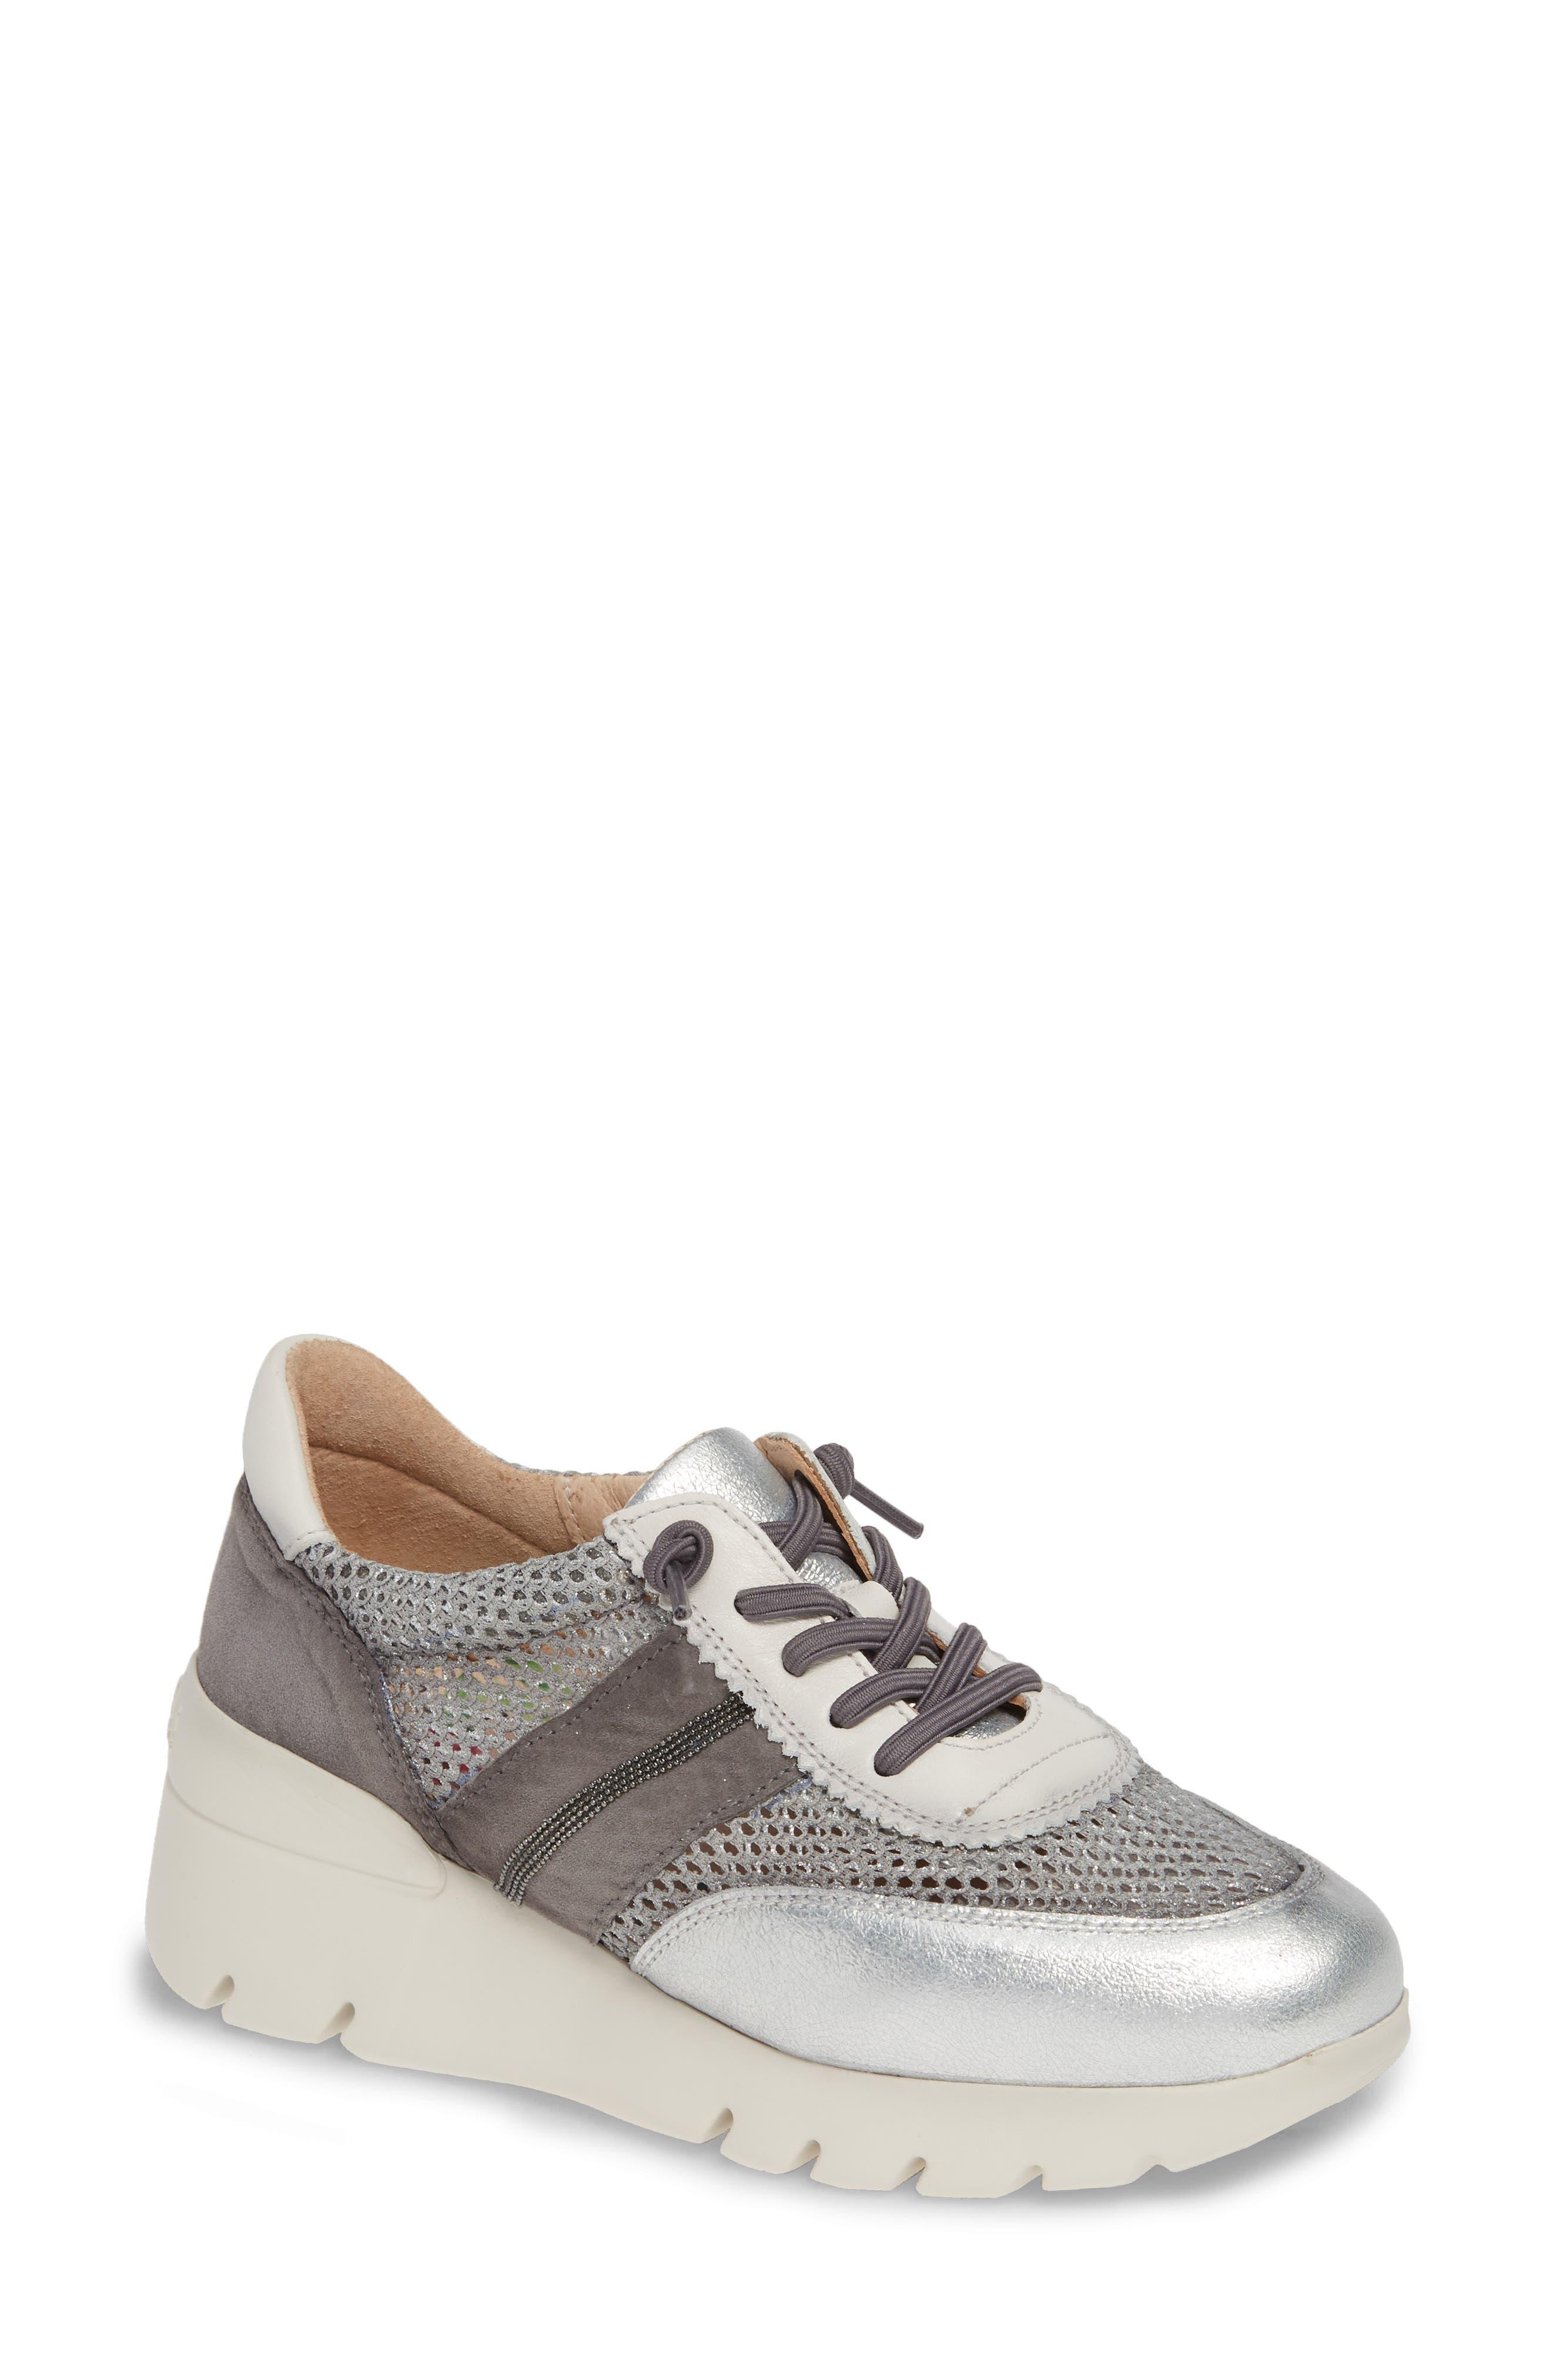 Hispanitas Ruth Sneaker - Grey